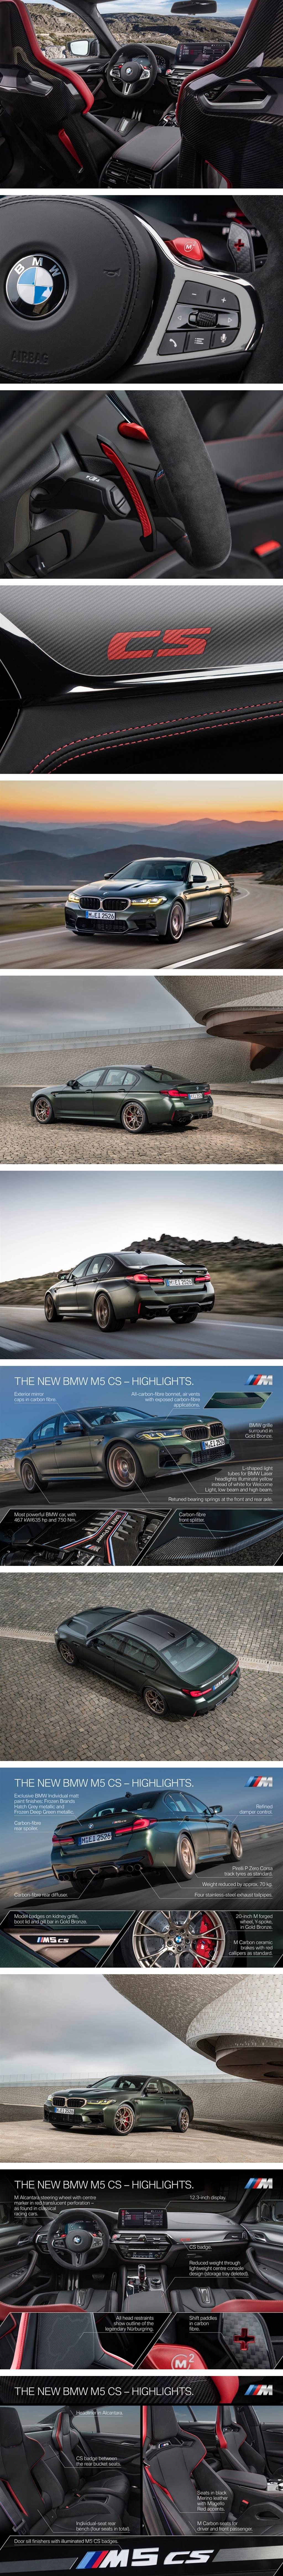 BMW有史以來最強之M5 CS 引進國內應無希望